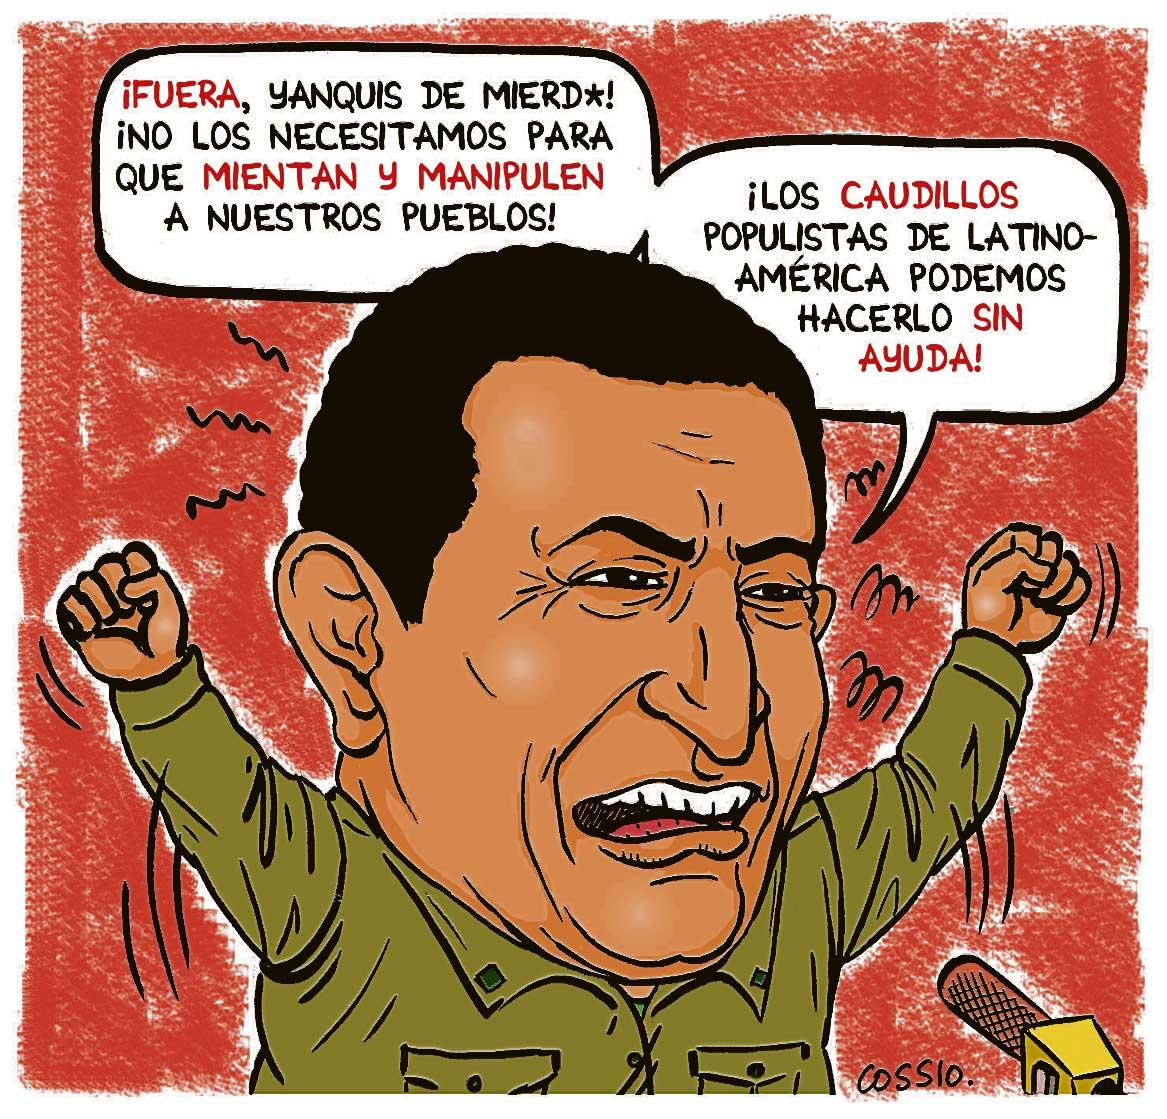 http://1.bp.blogspot.com/-xoo0Krv65Cg/T_Eyv1W_S8I/AAAAAAAAD0I/Gni8OeCnyuQ/s1600/02-Hugo-Chavez-al-ataque.jpg